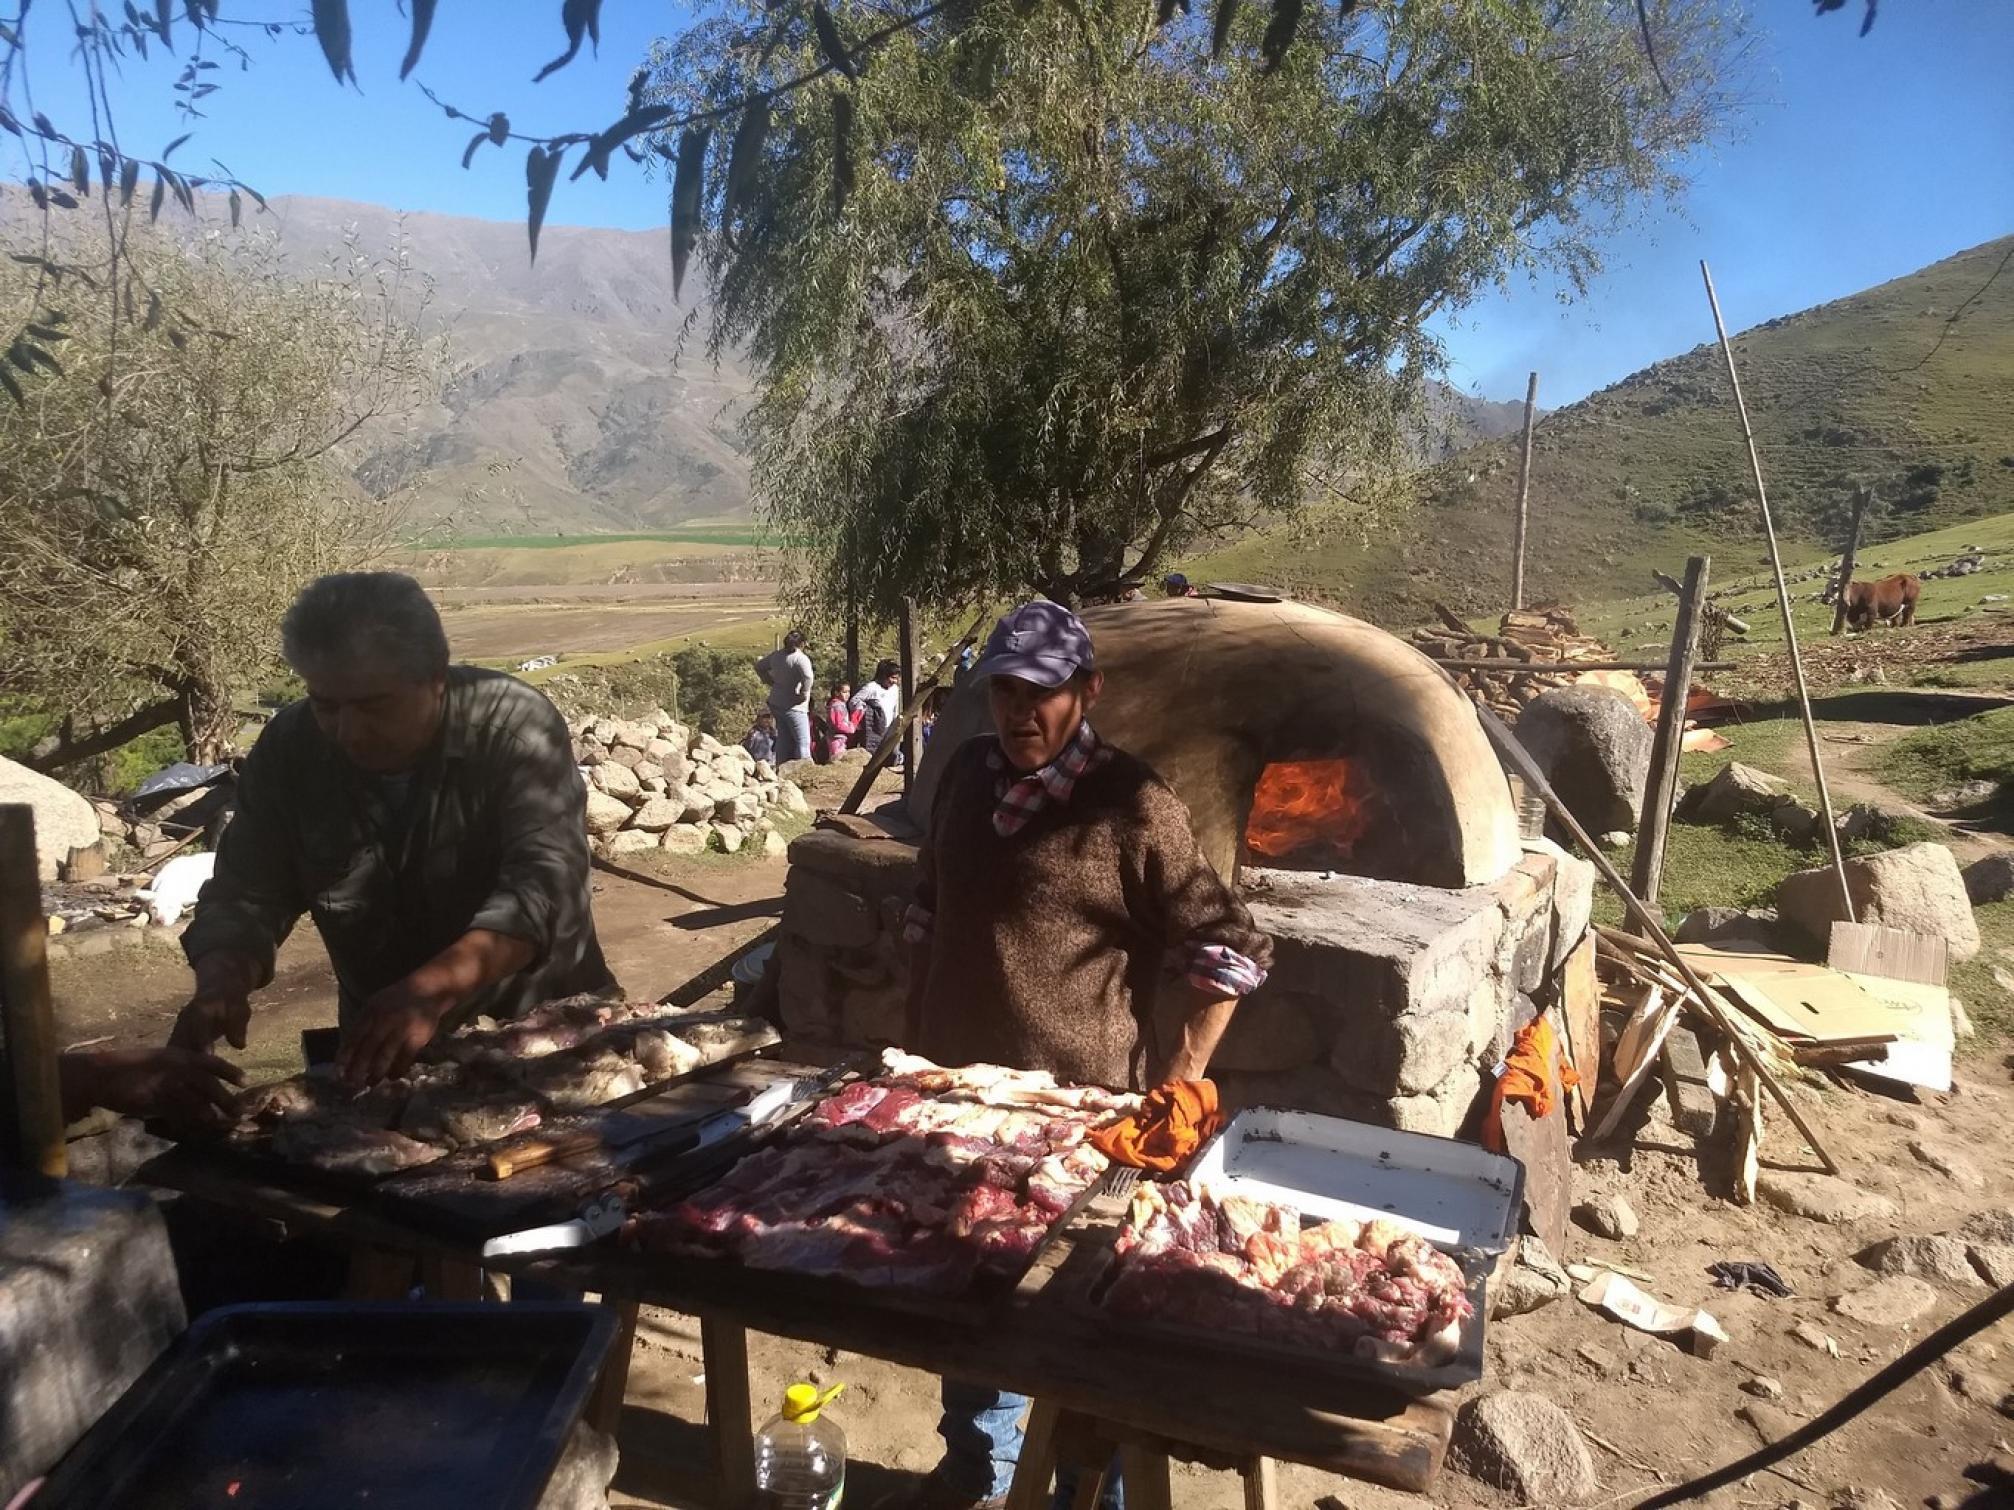 Fiesta, traición y trabajo: la yerra de los Cruz - Tafí del Valle